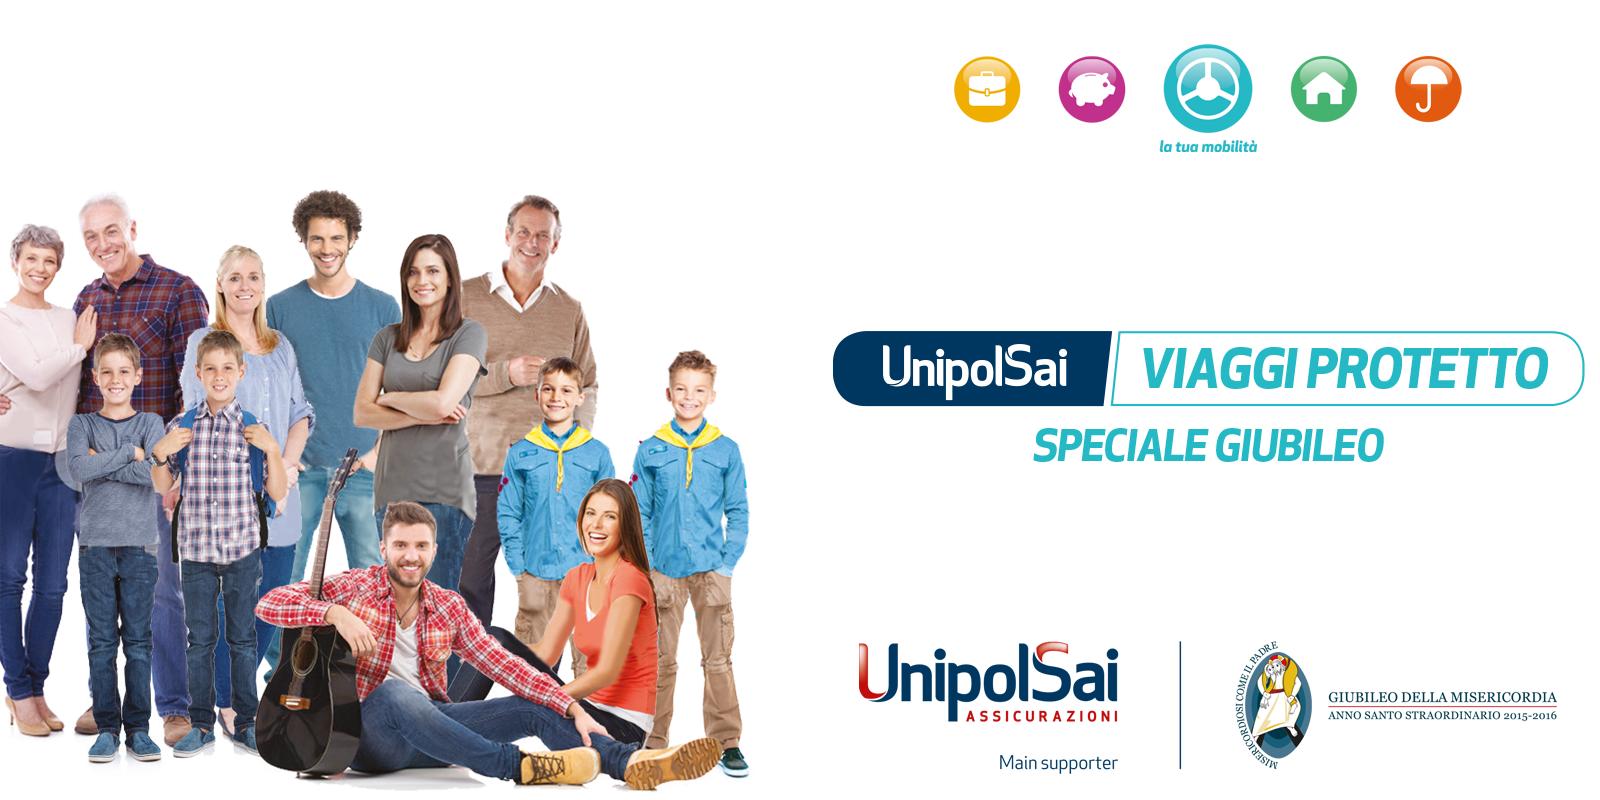 UnipolSai-VIAGGI-Protetto-Speciale-Giubileo